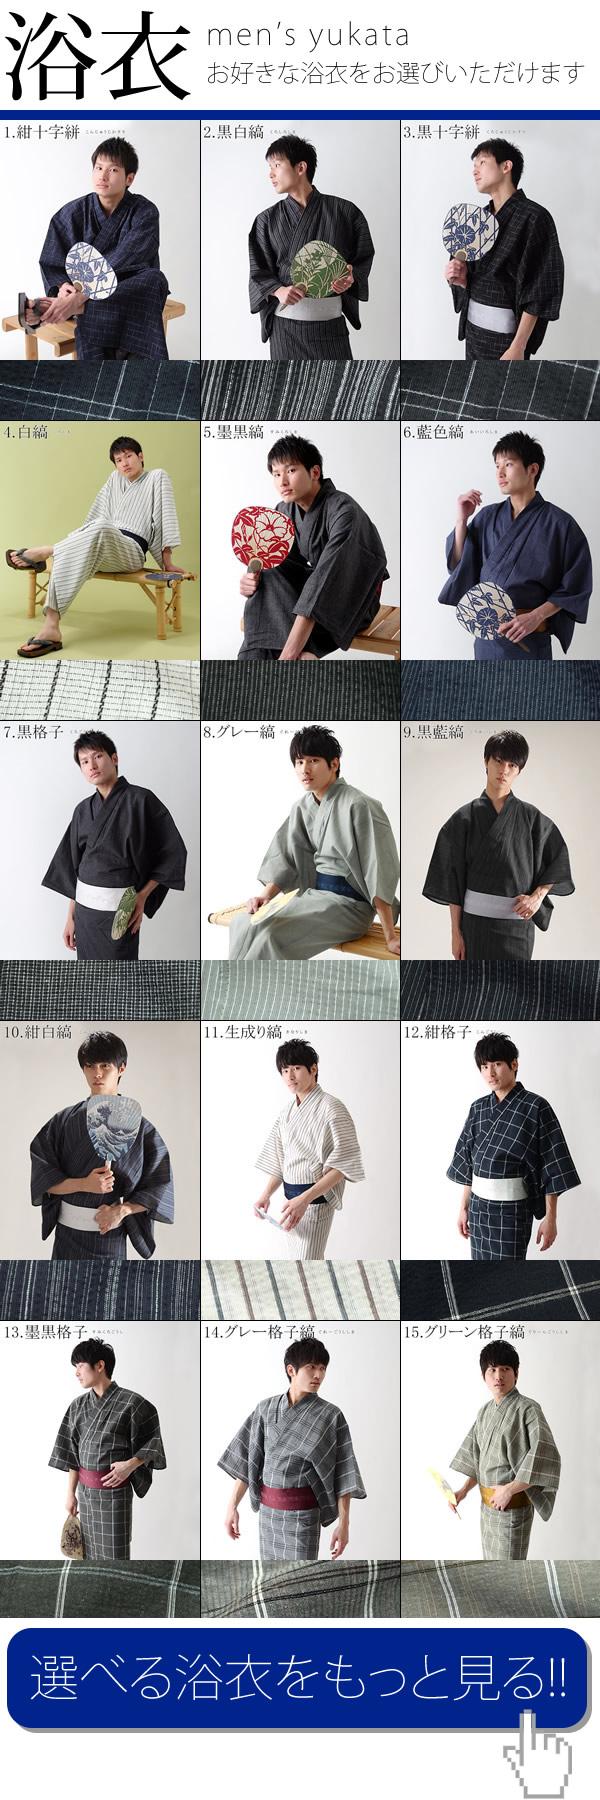 きもの町男性浴衣セット2017浴衣セレクト